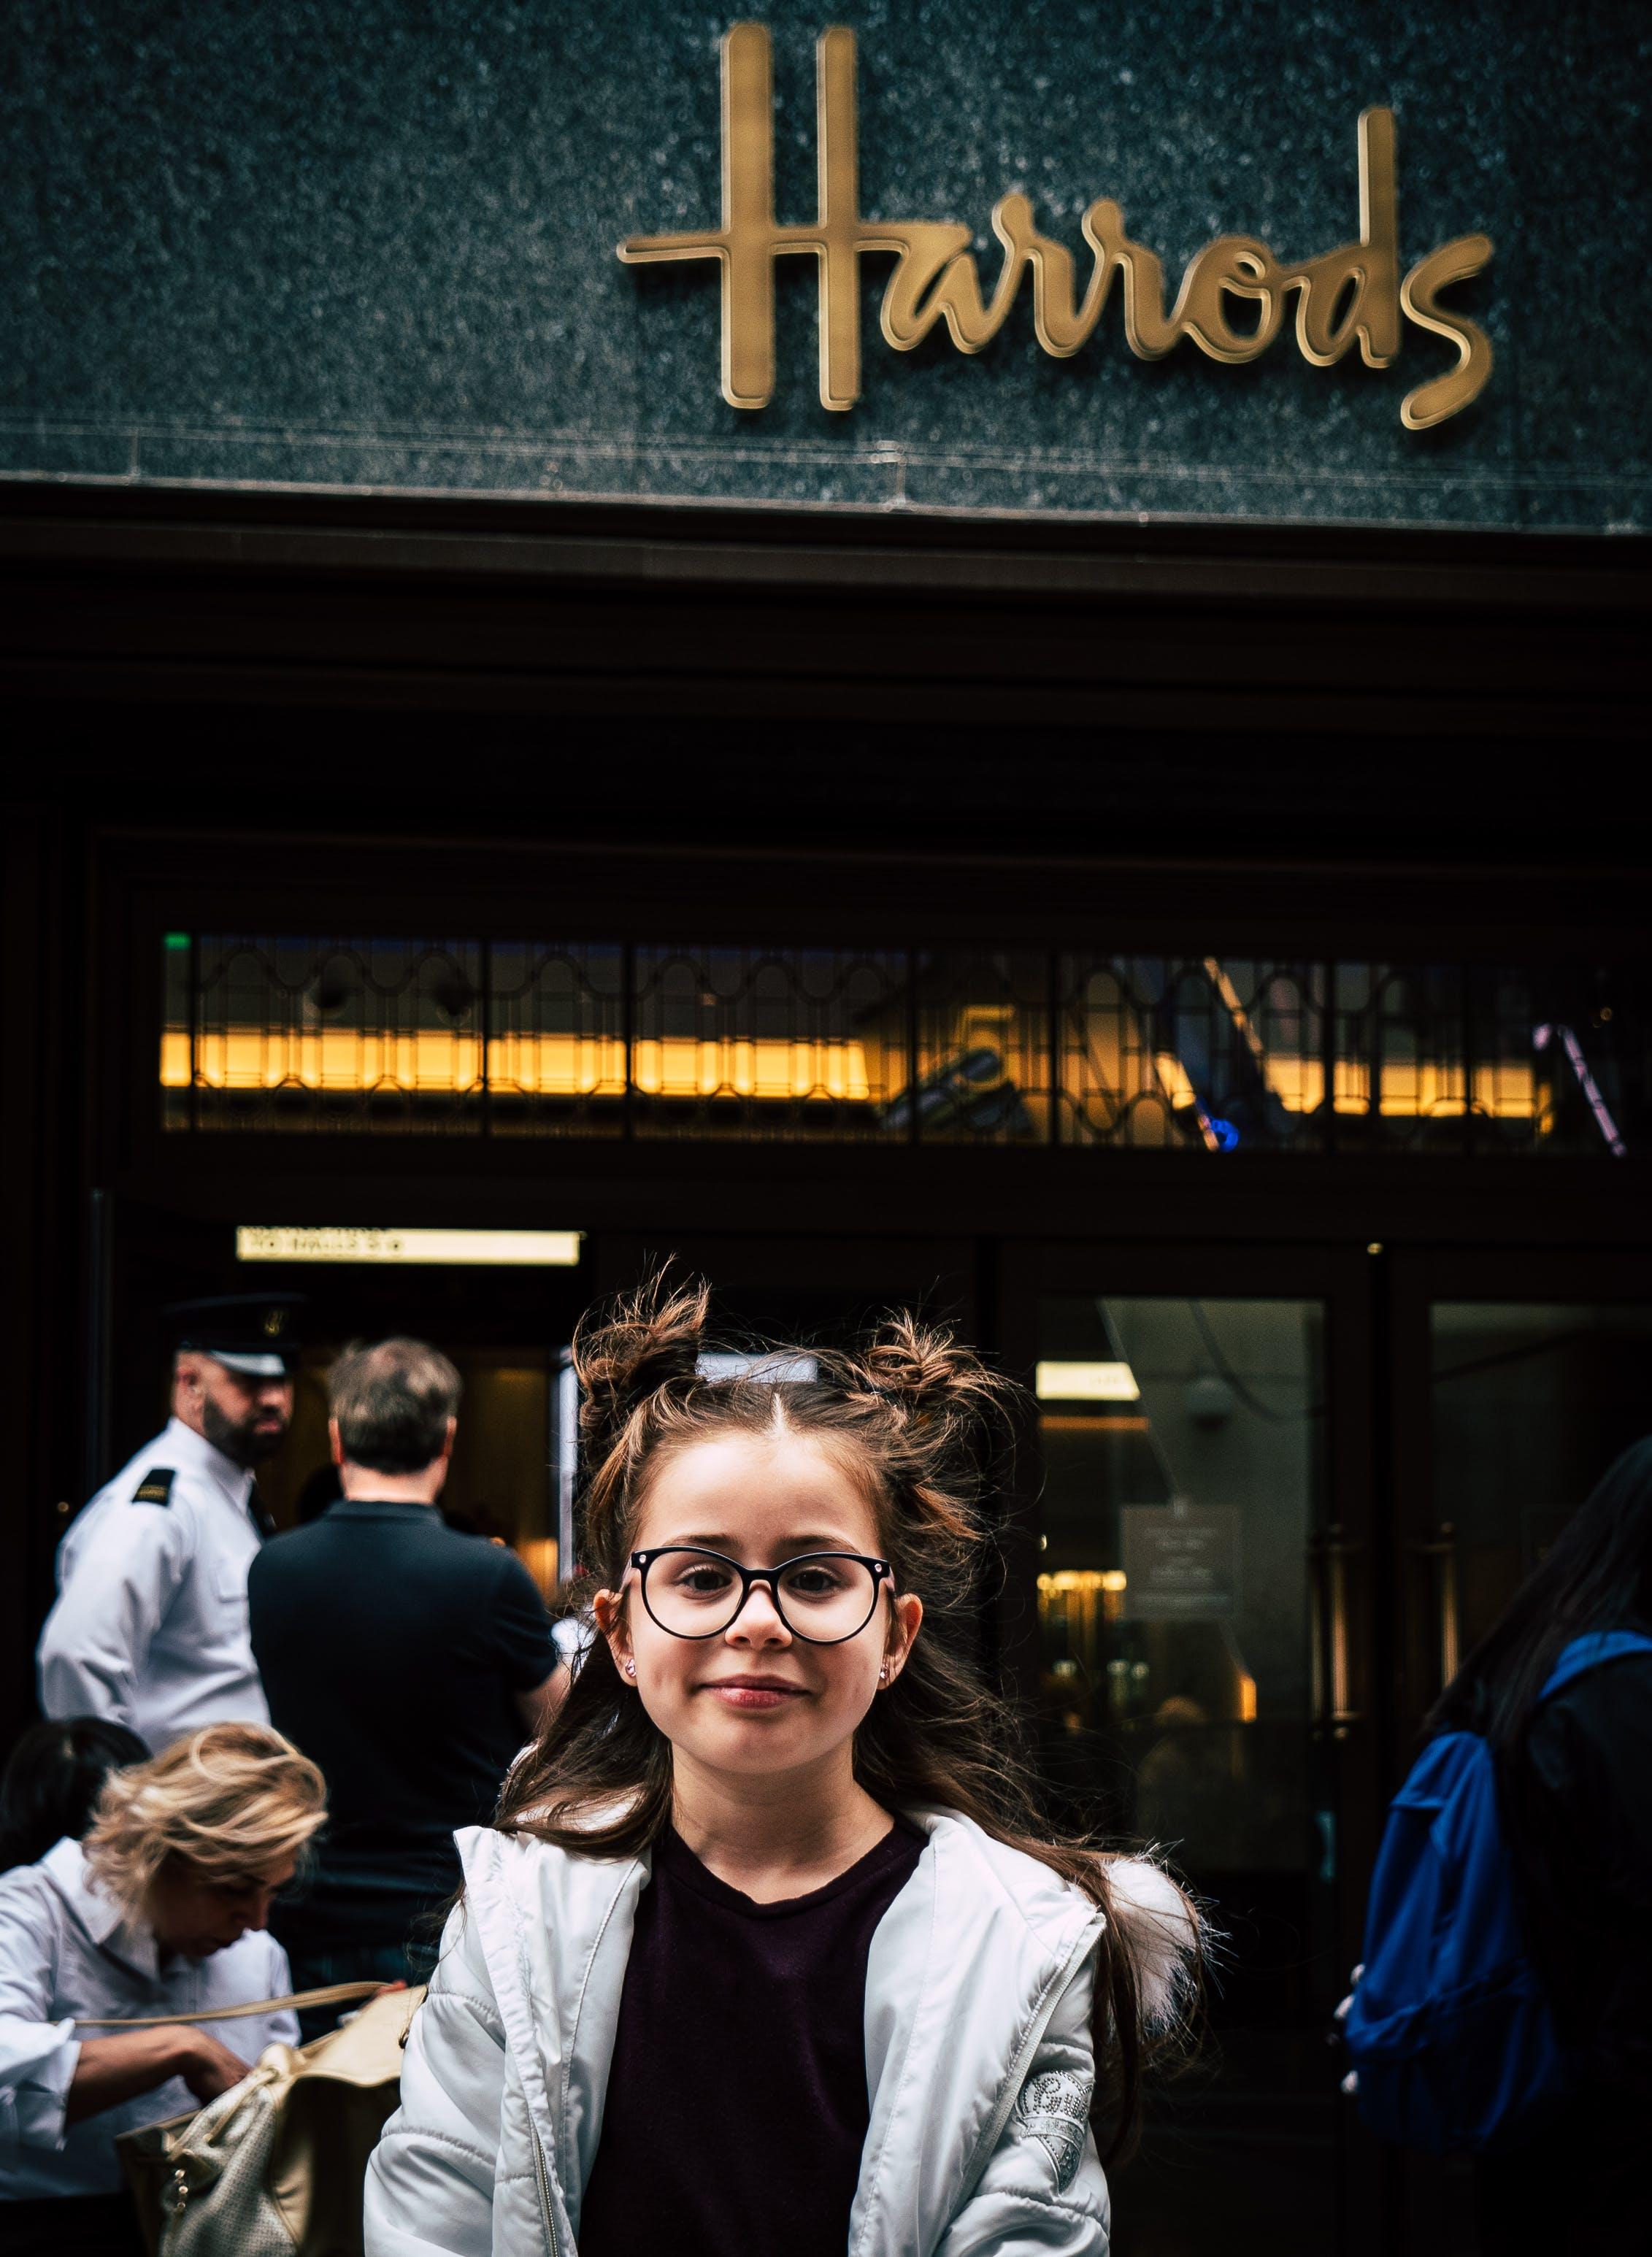 Girl Smiling Near Harrods